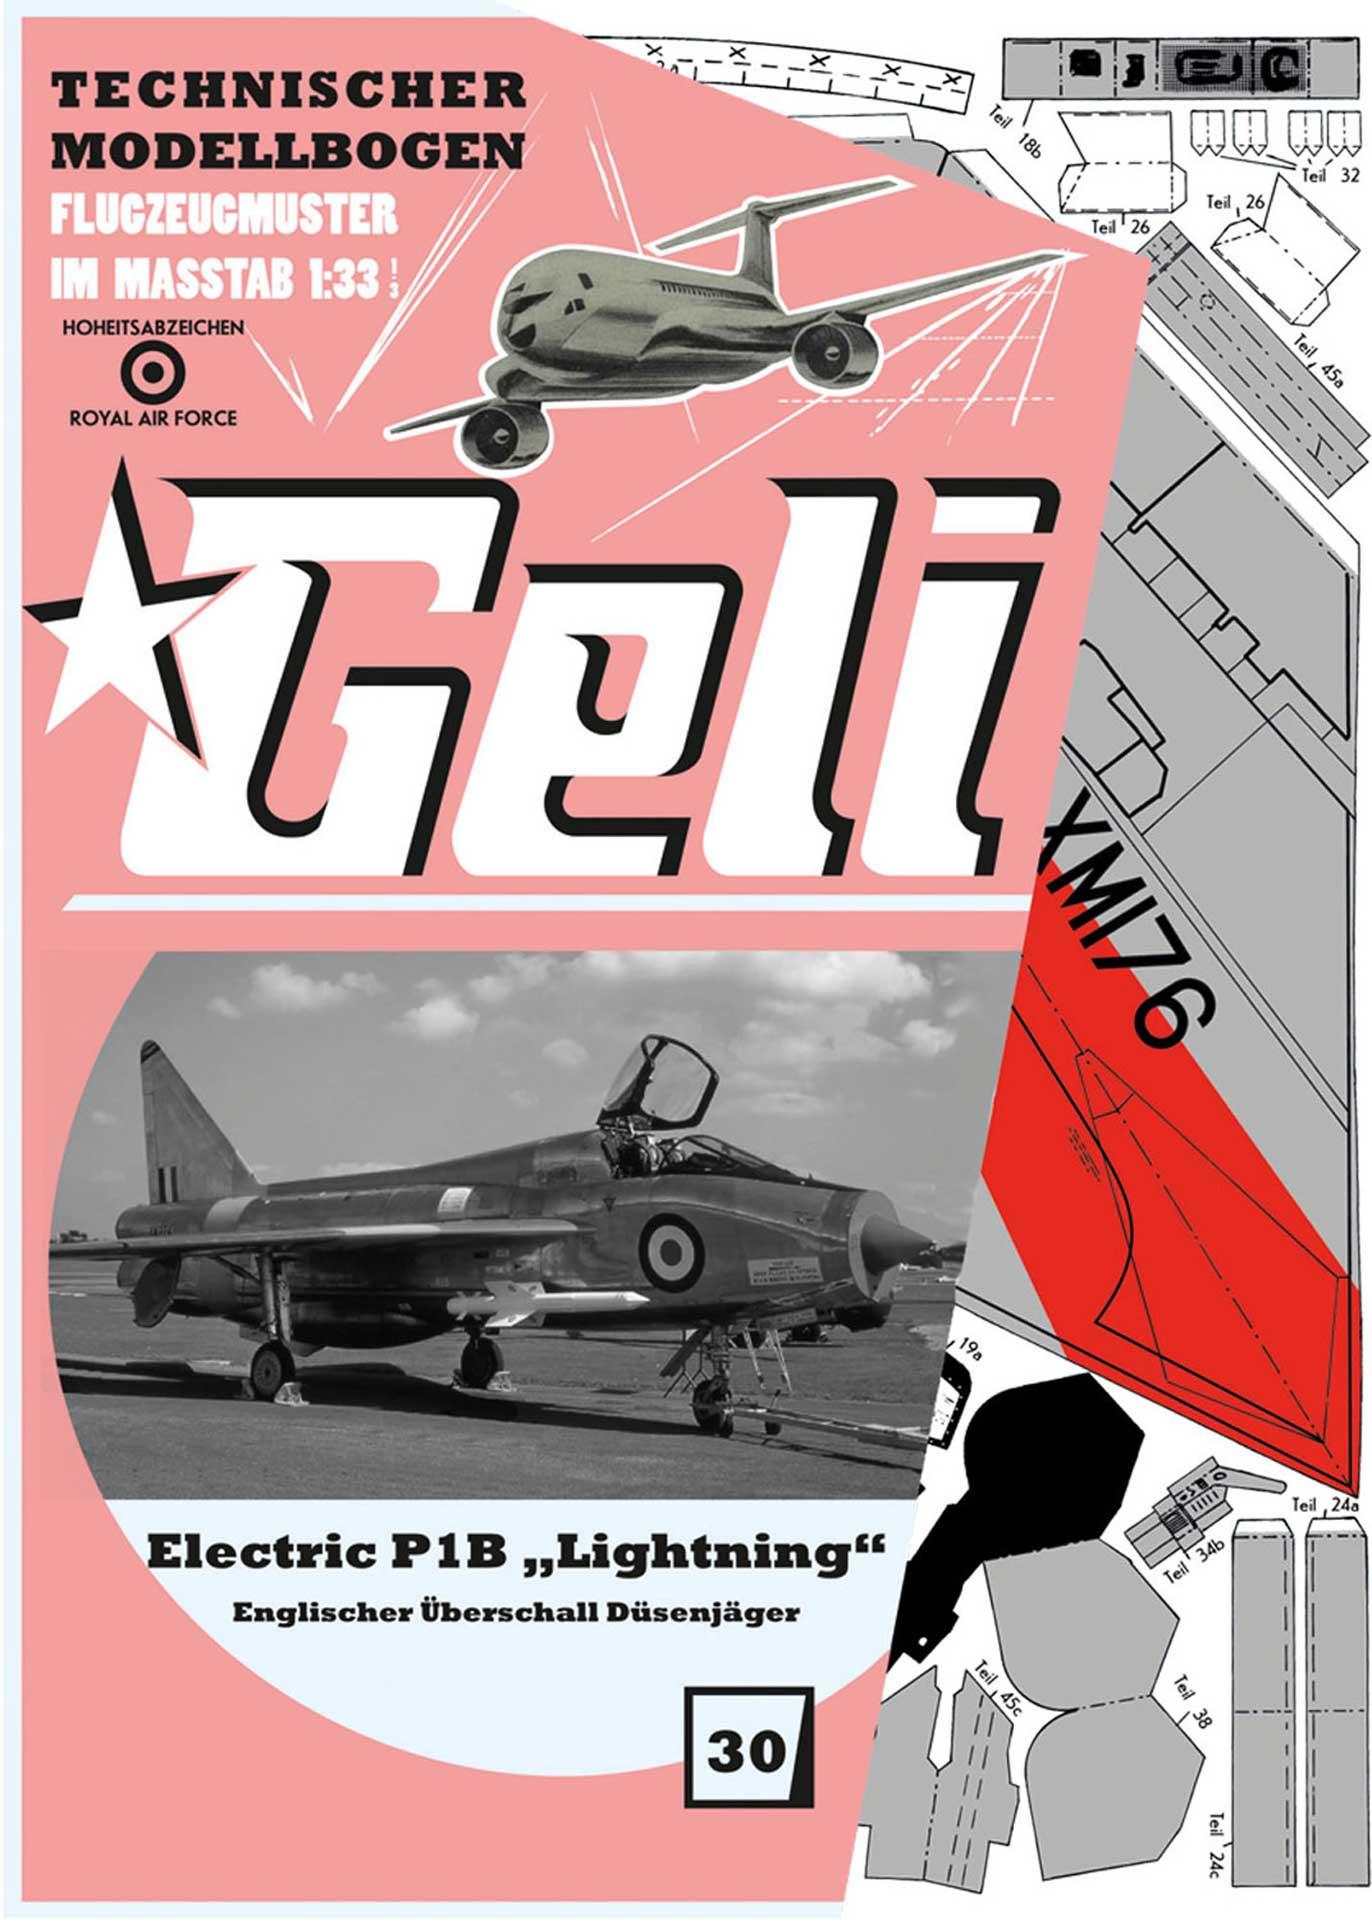 GELI ELECTRIC P1 LIGHTNING # 30 KARTONMODELL